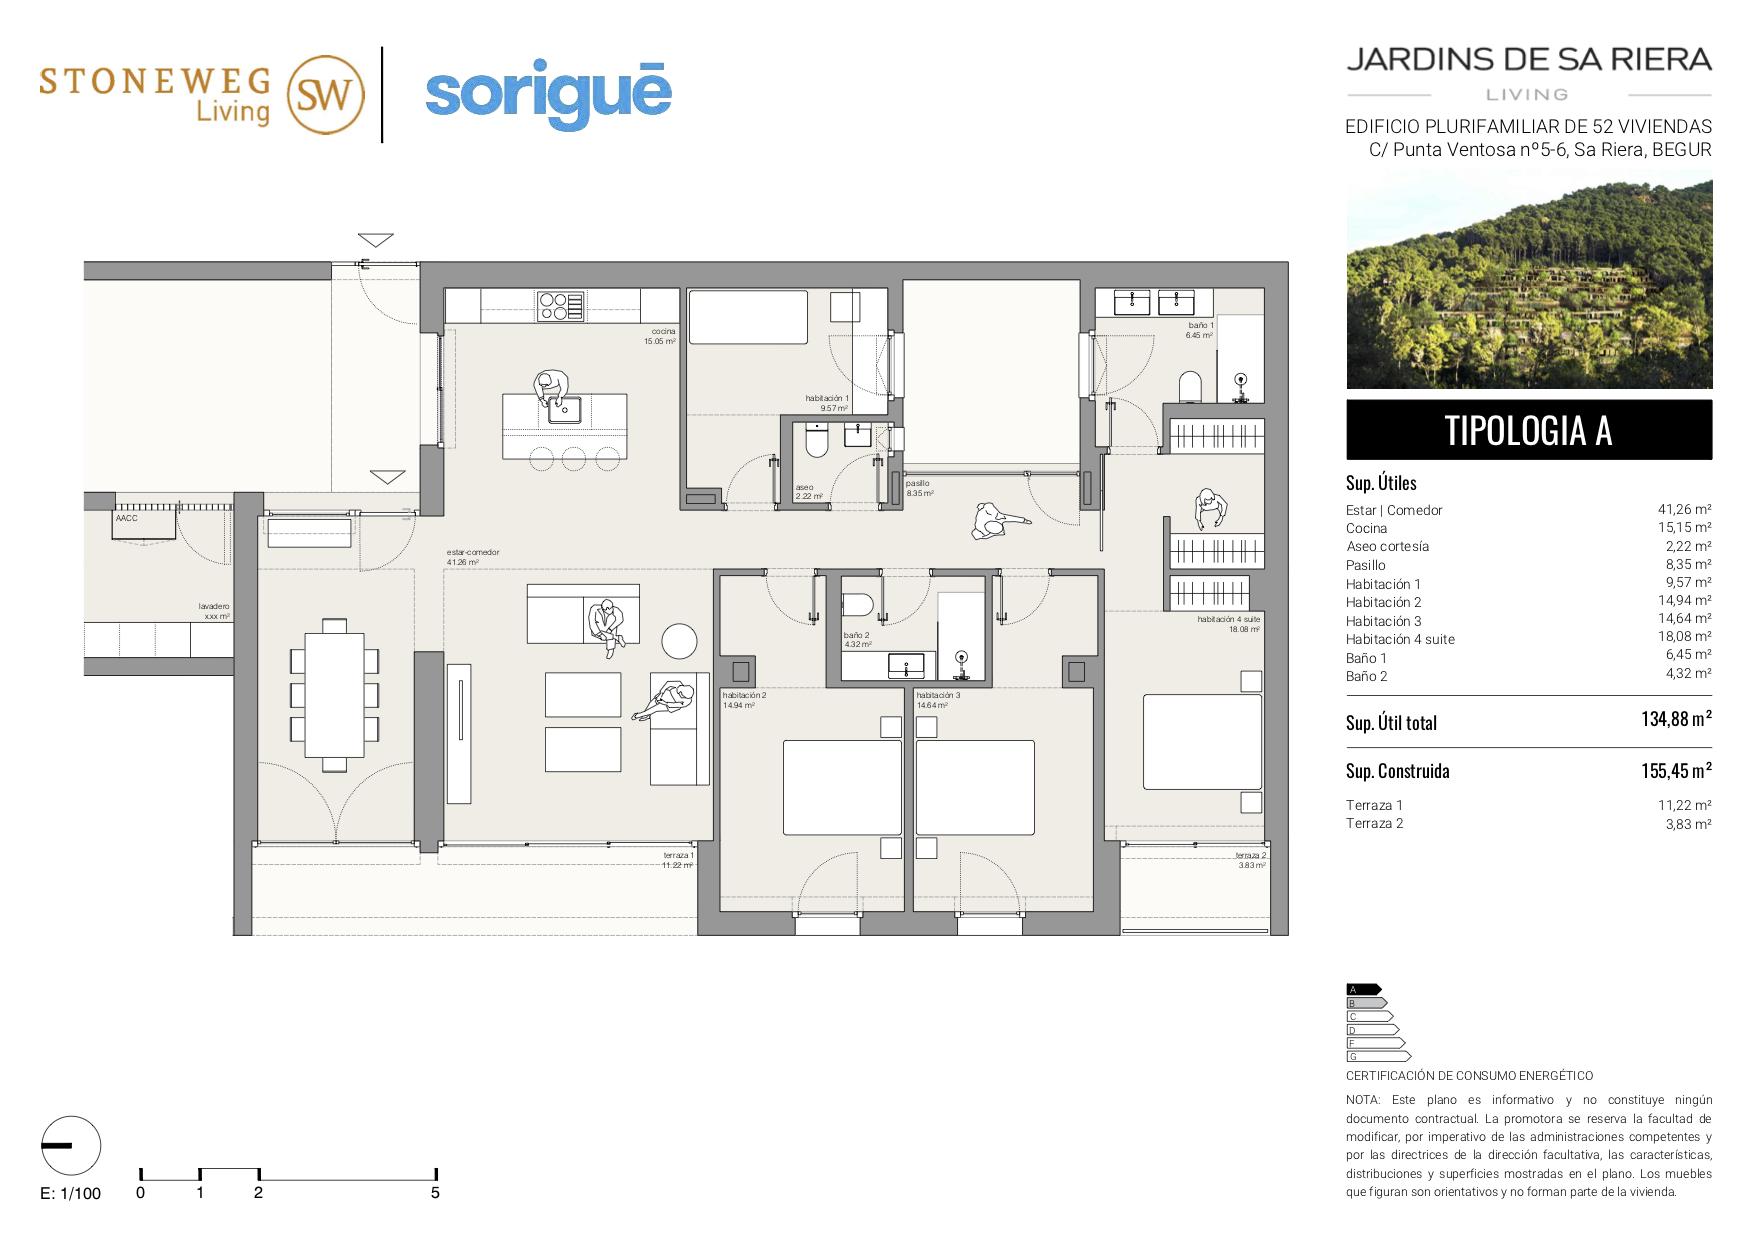 Plànol d'un dels apartaments de la urbanització Jardins de Sa Riera | Imatge de Stoneweg Living